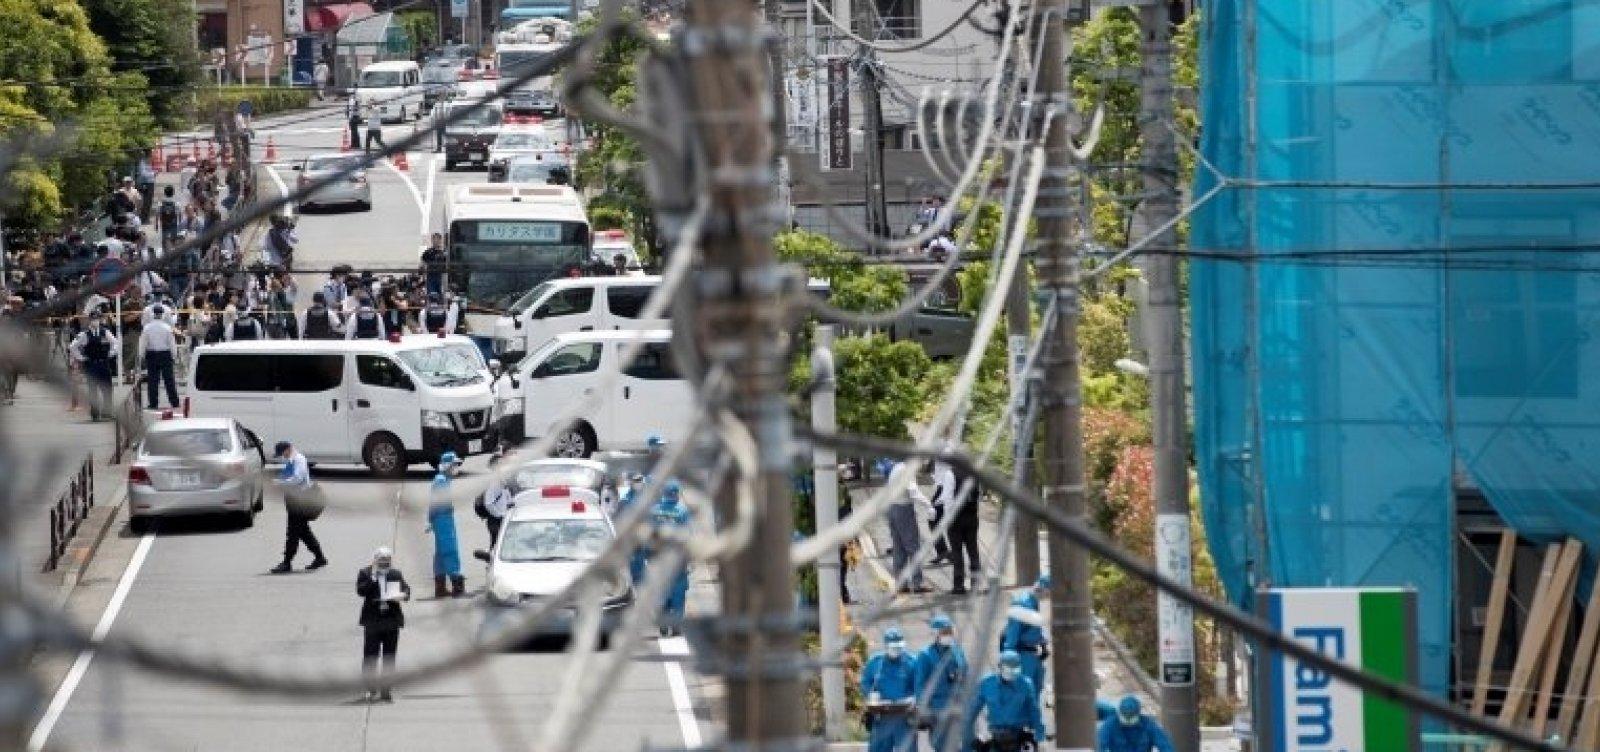 [Esfaqueamento em massa no Japão deixa duas vítimas fatais]